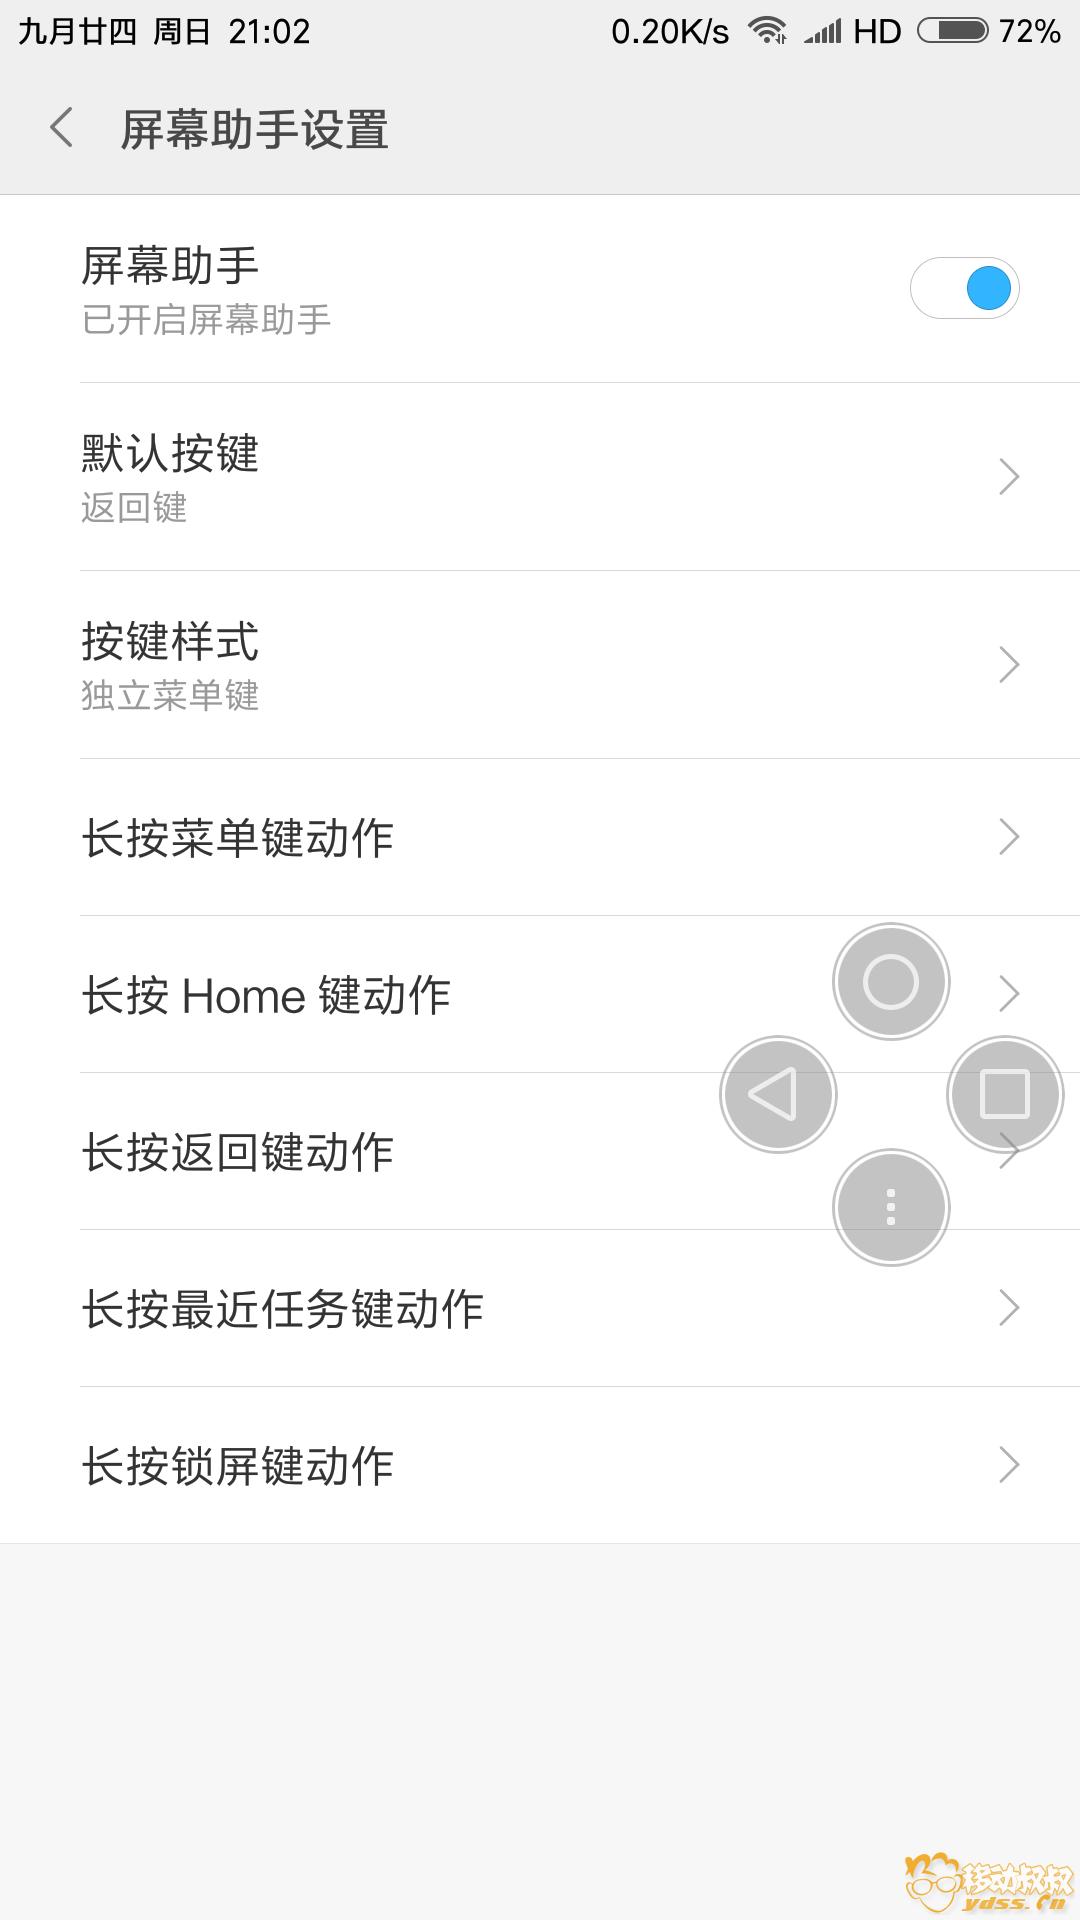 Screenshot_2017-11-12-21-02-55-857_com.kangvip.tools.png